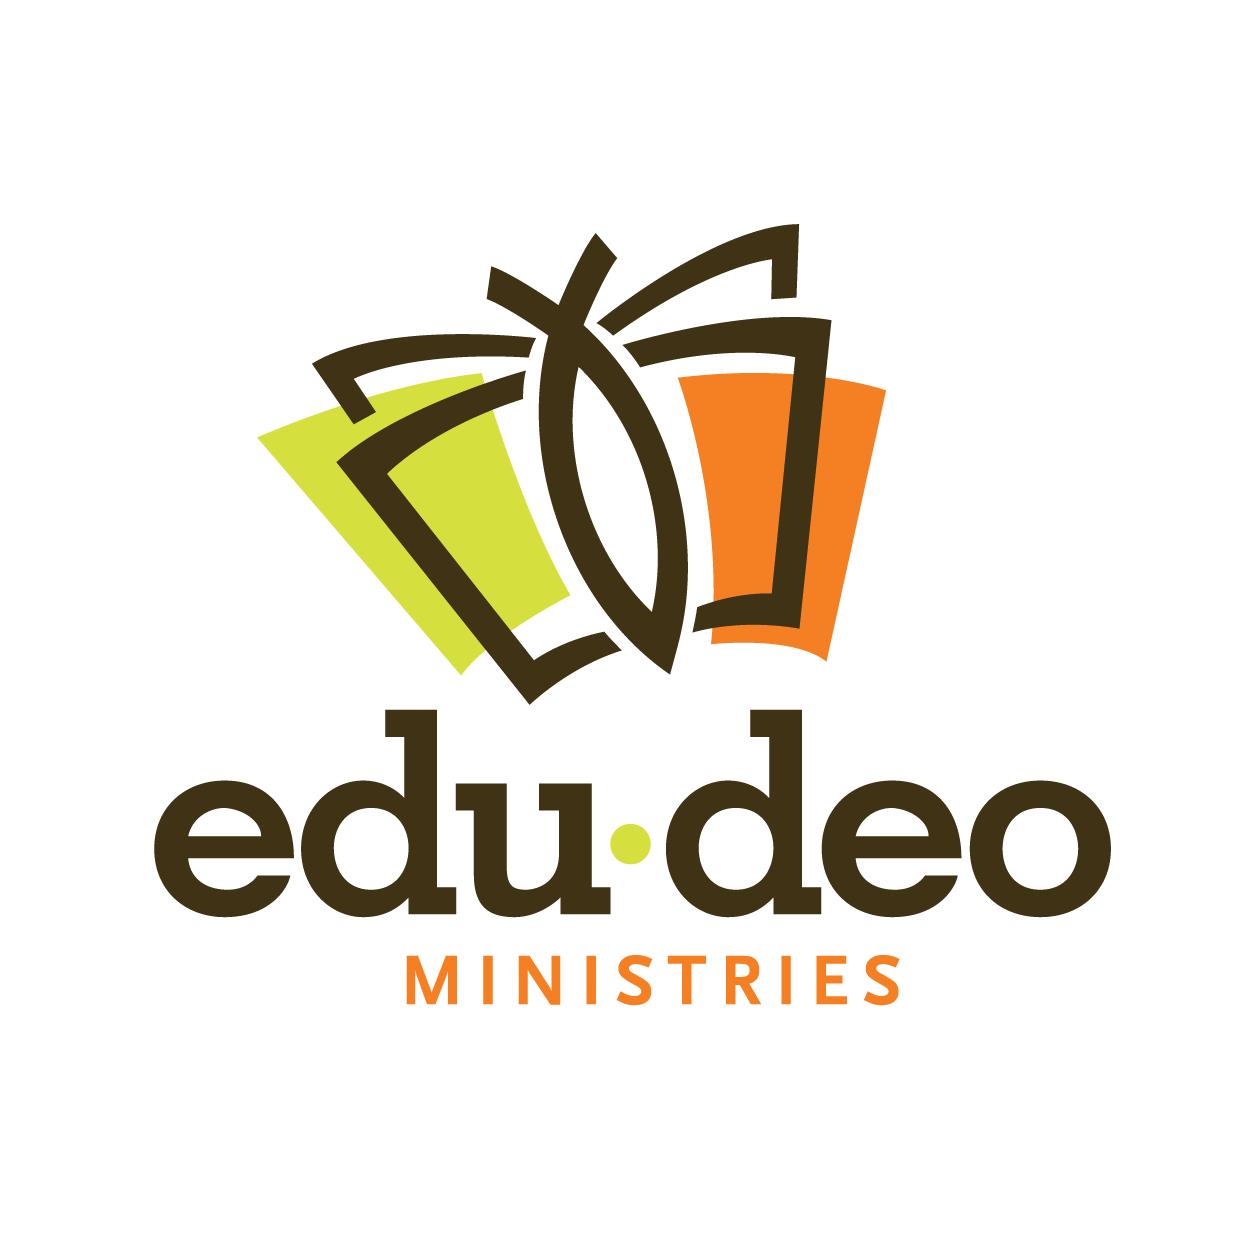 edudeo-01.png